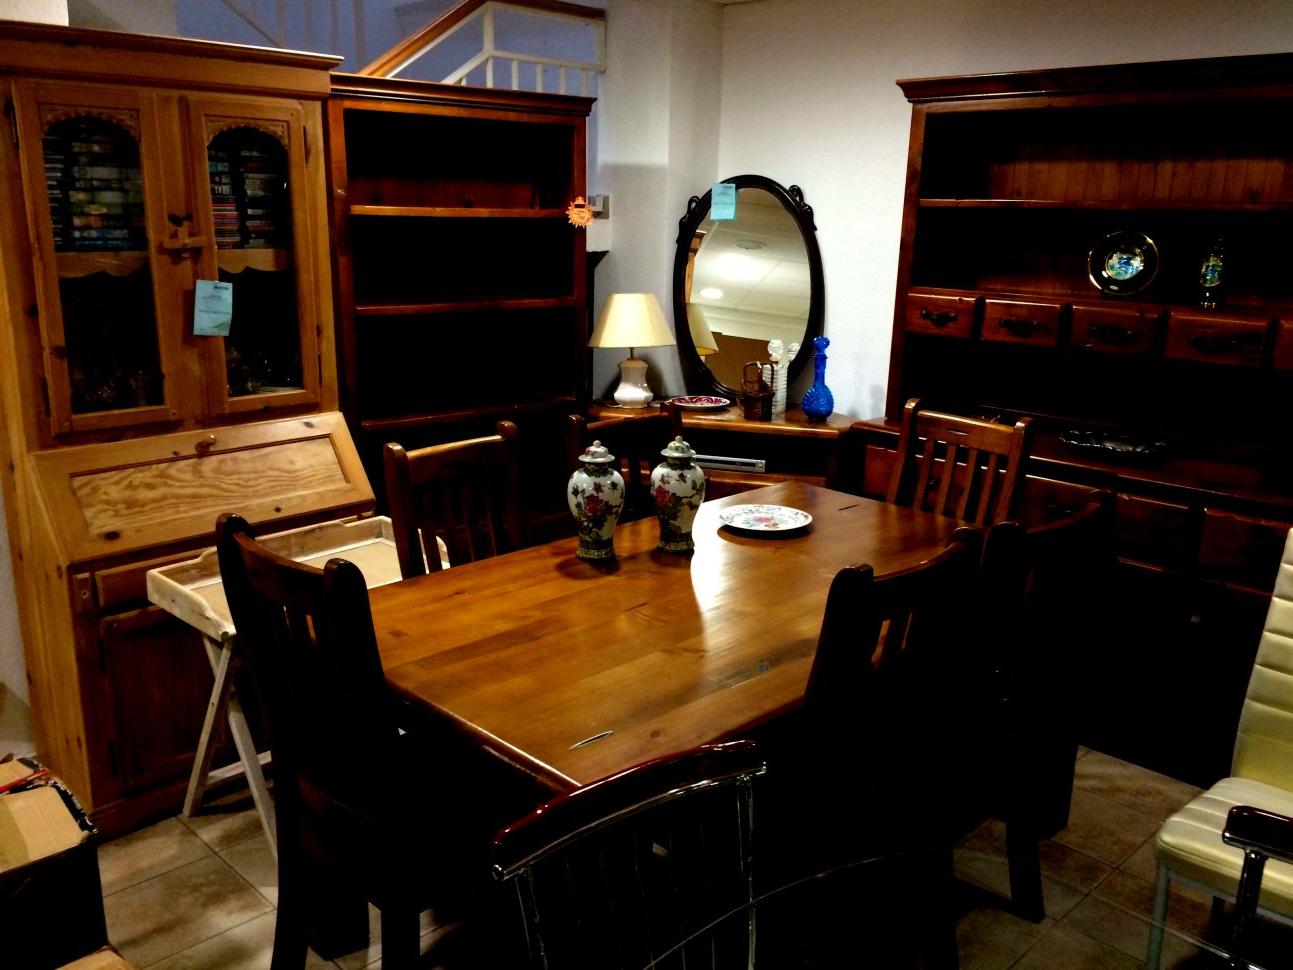 Recogida De Muebles Zaragoza E6d5 Remar Zaragoza Recogida De Muebles Usados En Foto 31 Y Venta